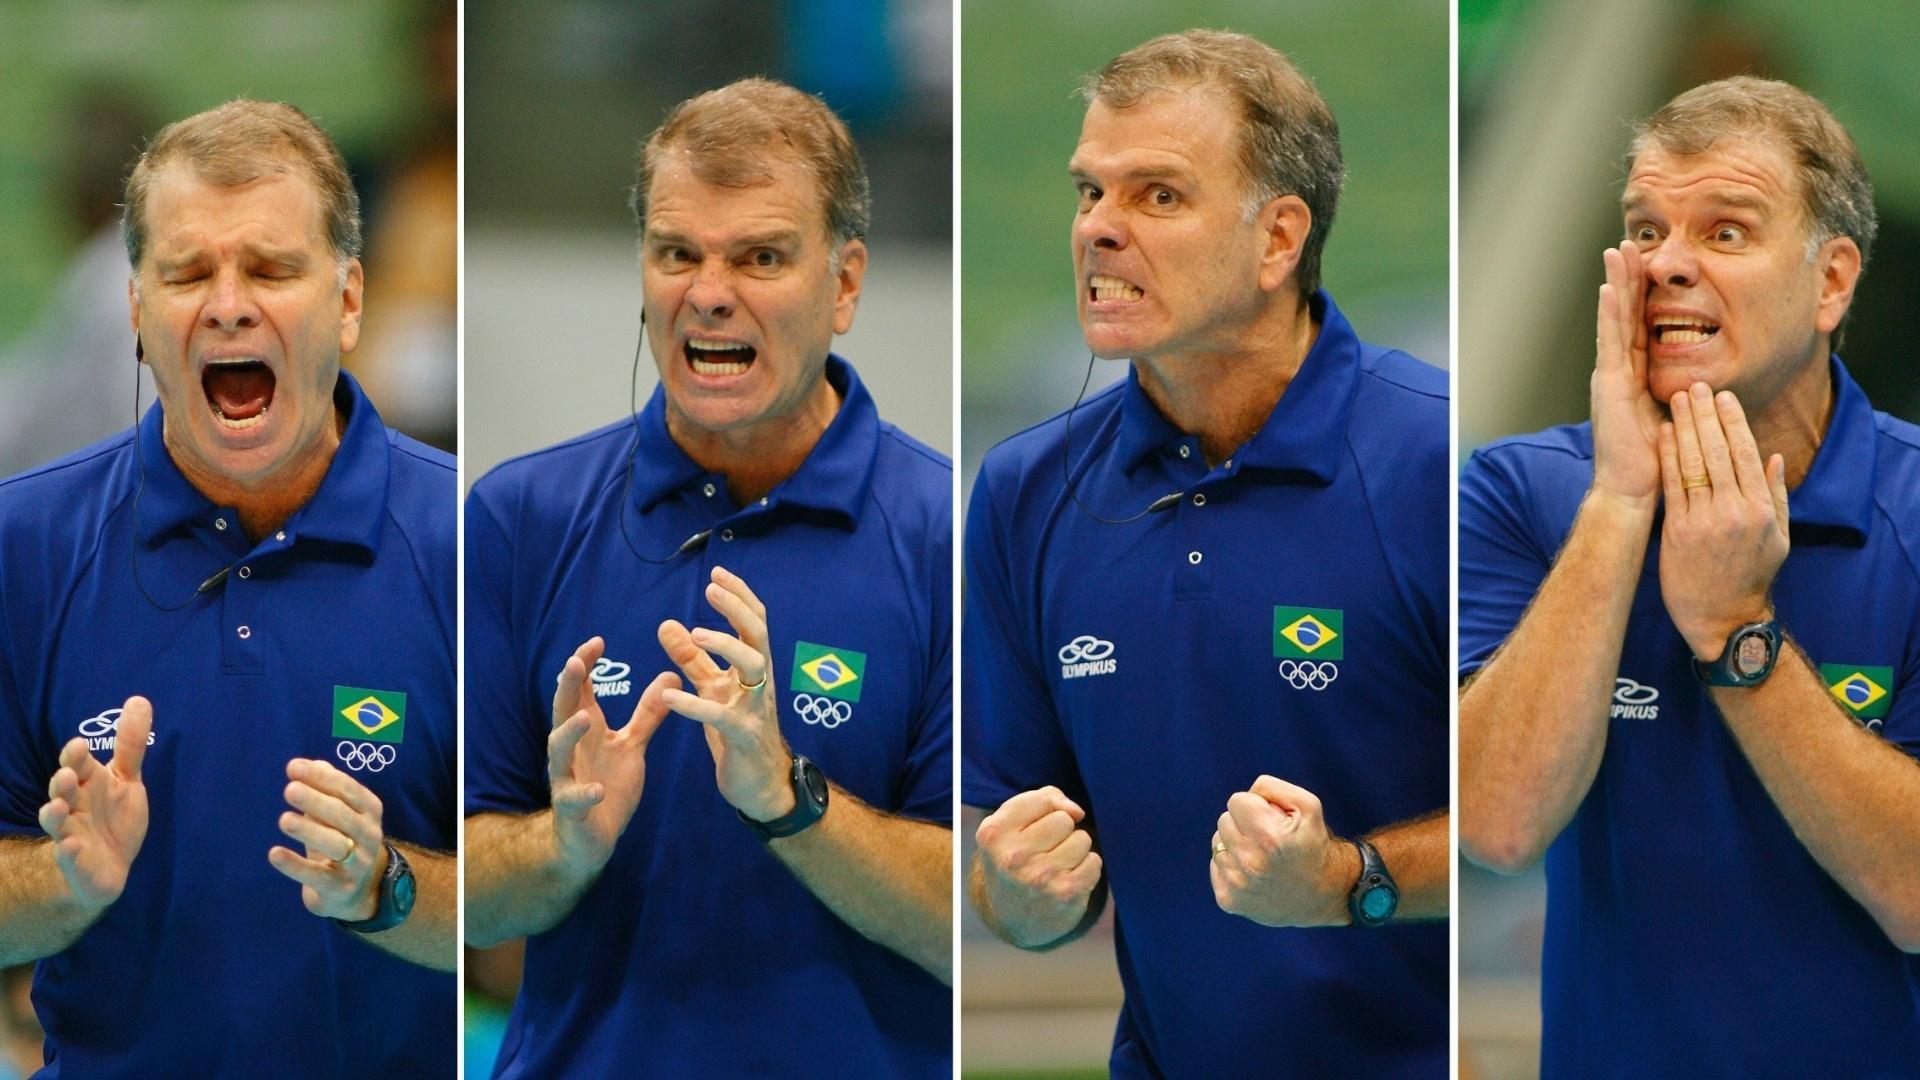 25.07.2007 - Sequência de fotos mostra reações de Bernardinho durante o jogo da seleção brasileira masculina de vôlei contra Cuba pelos Jogos Pan-Americanos do Rio de Janeiro